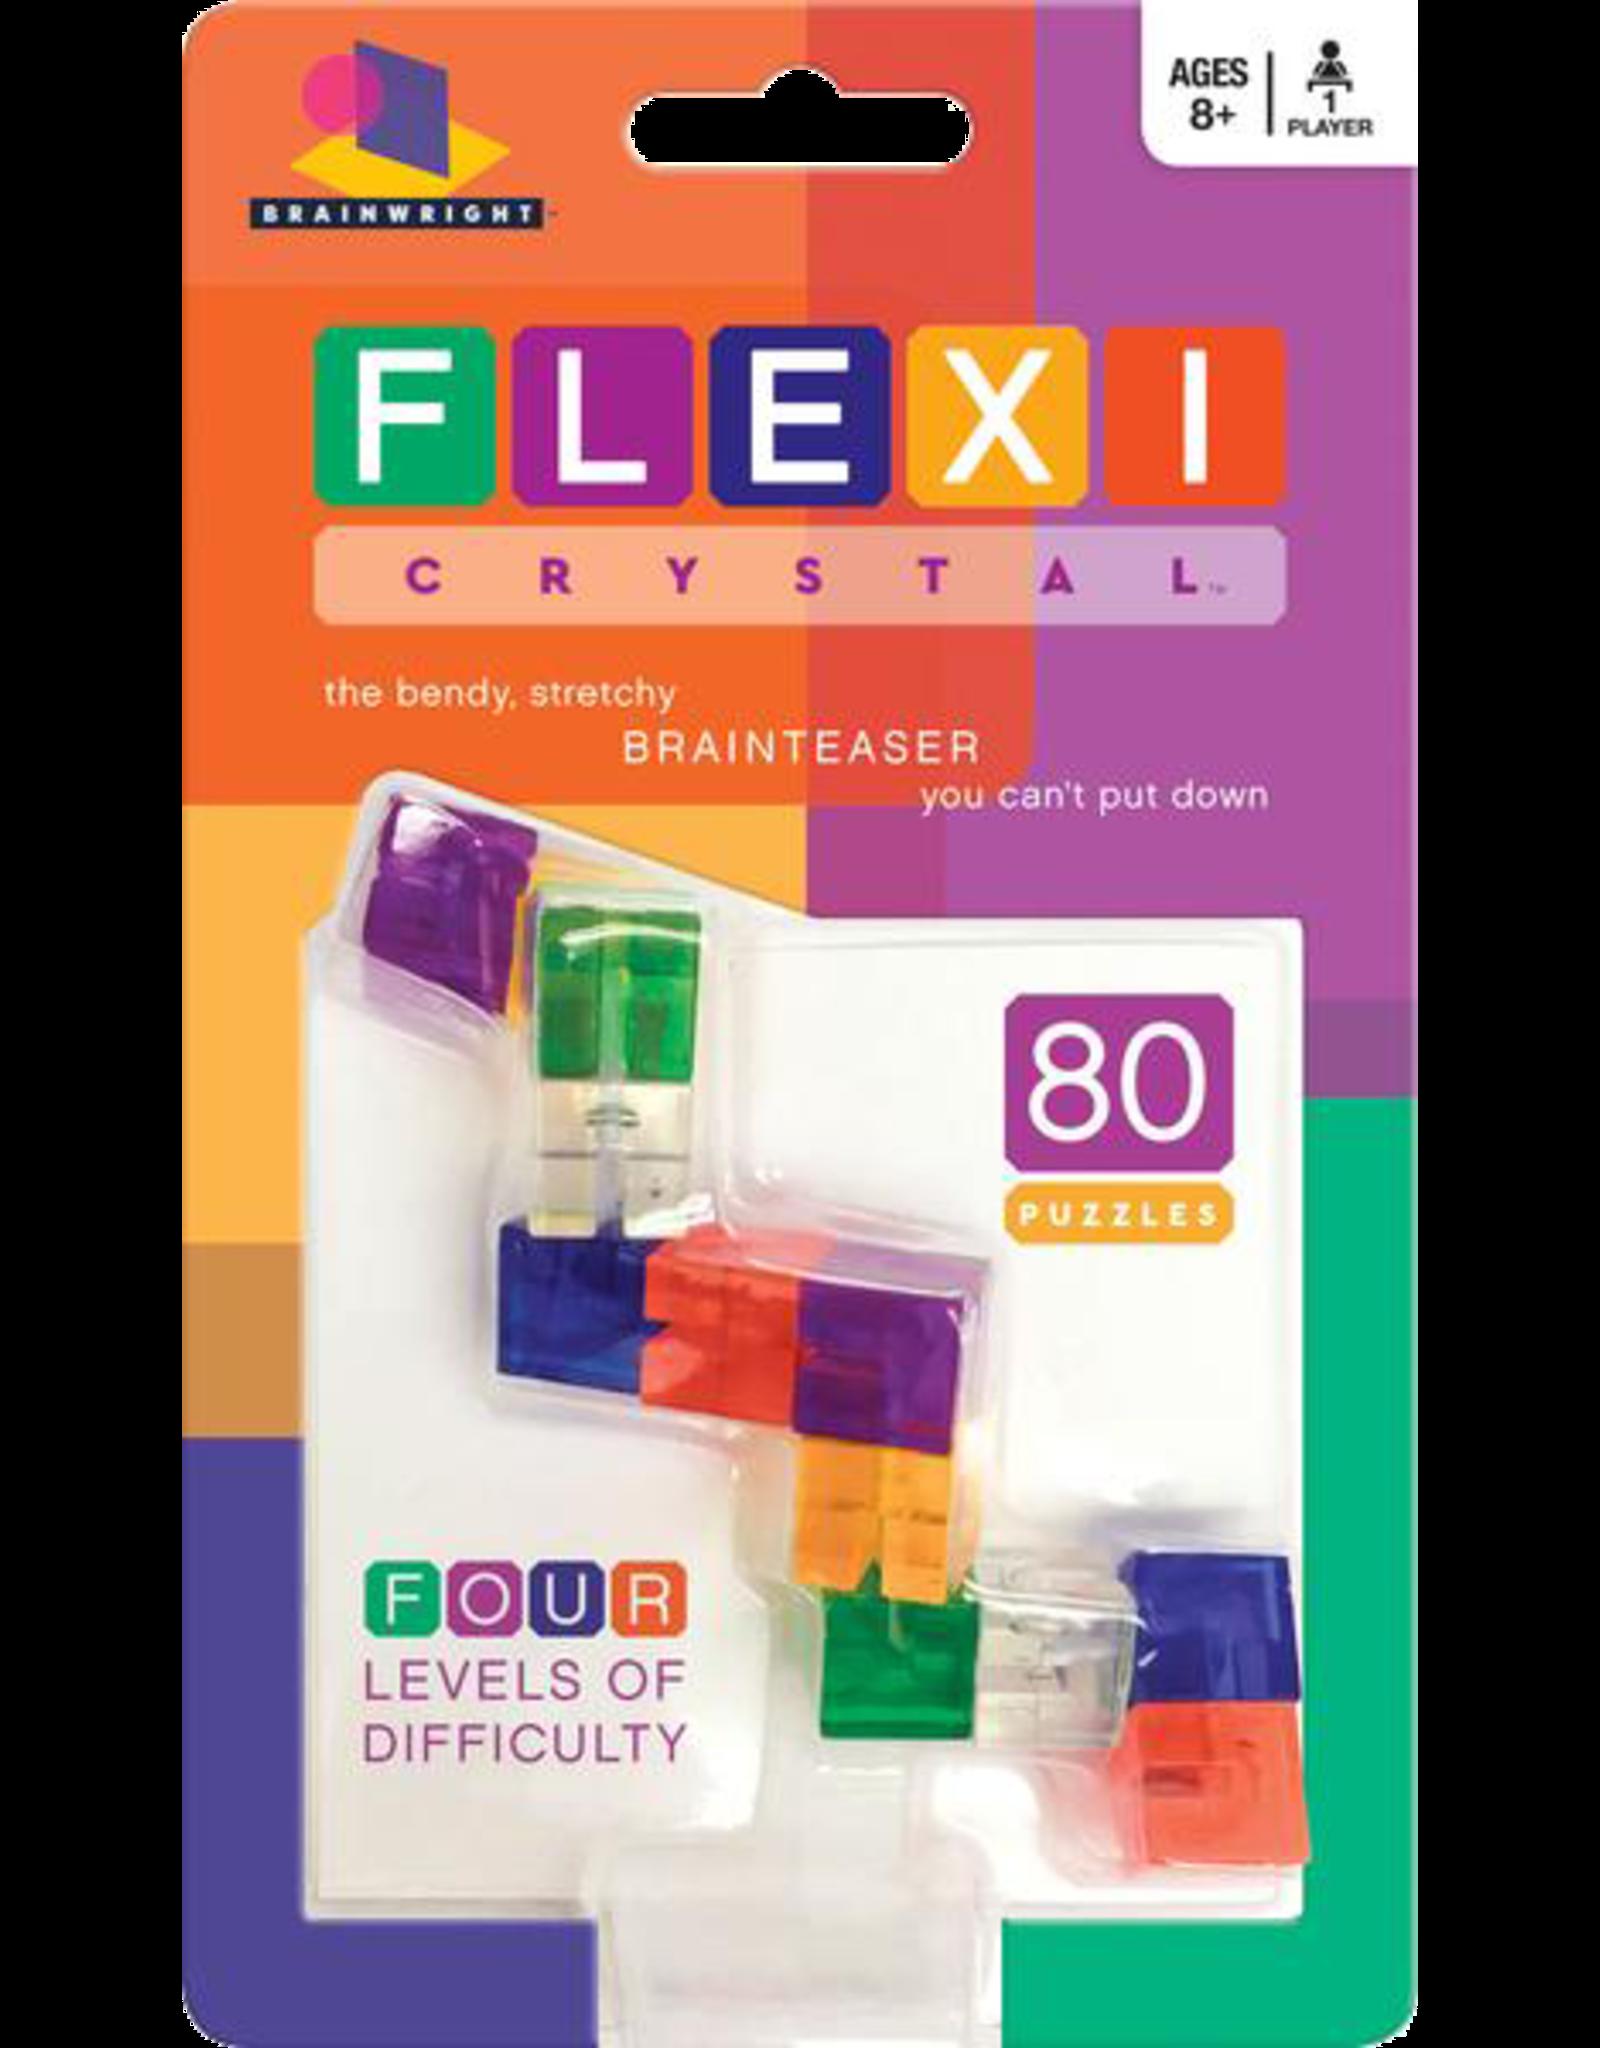 GameWright Flexi Crystal